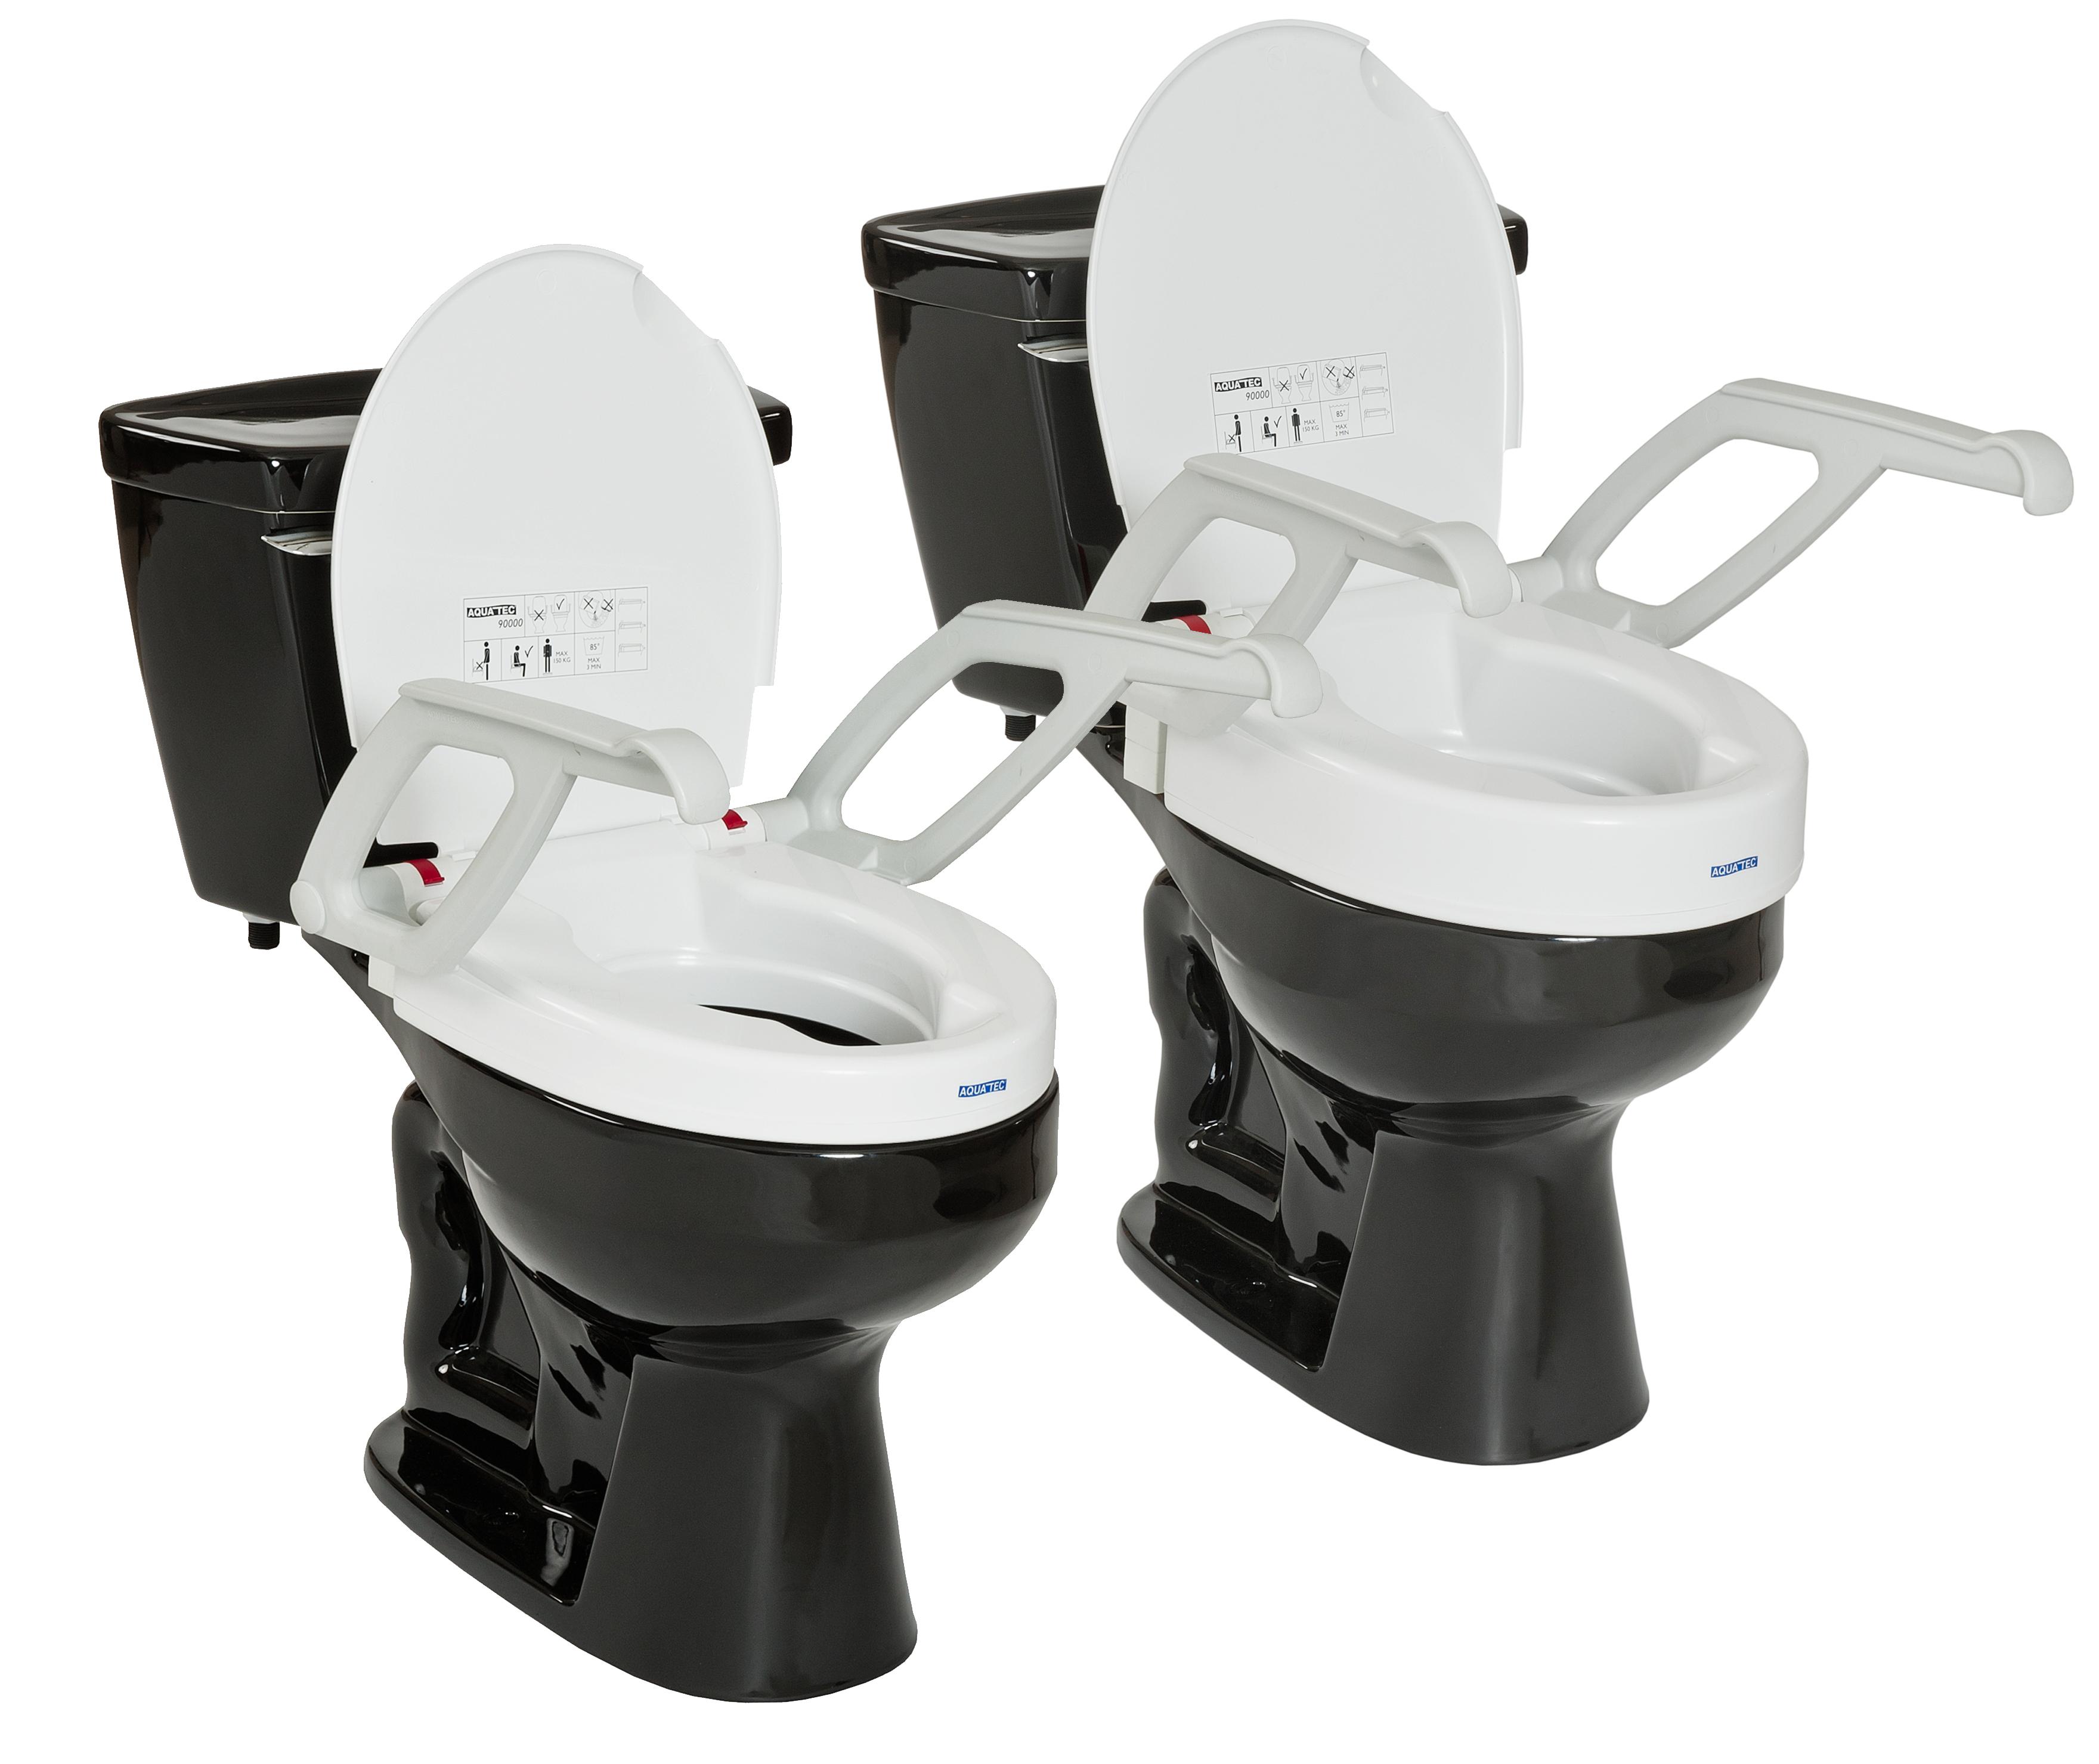 Aquatec A90000 2 Premium Toilet Seat Riser